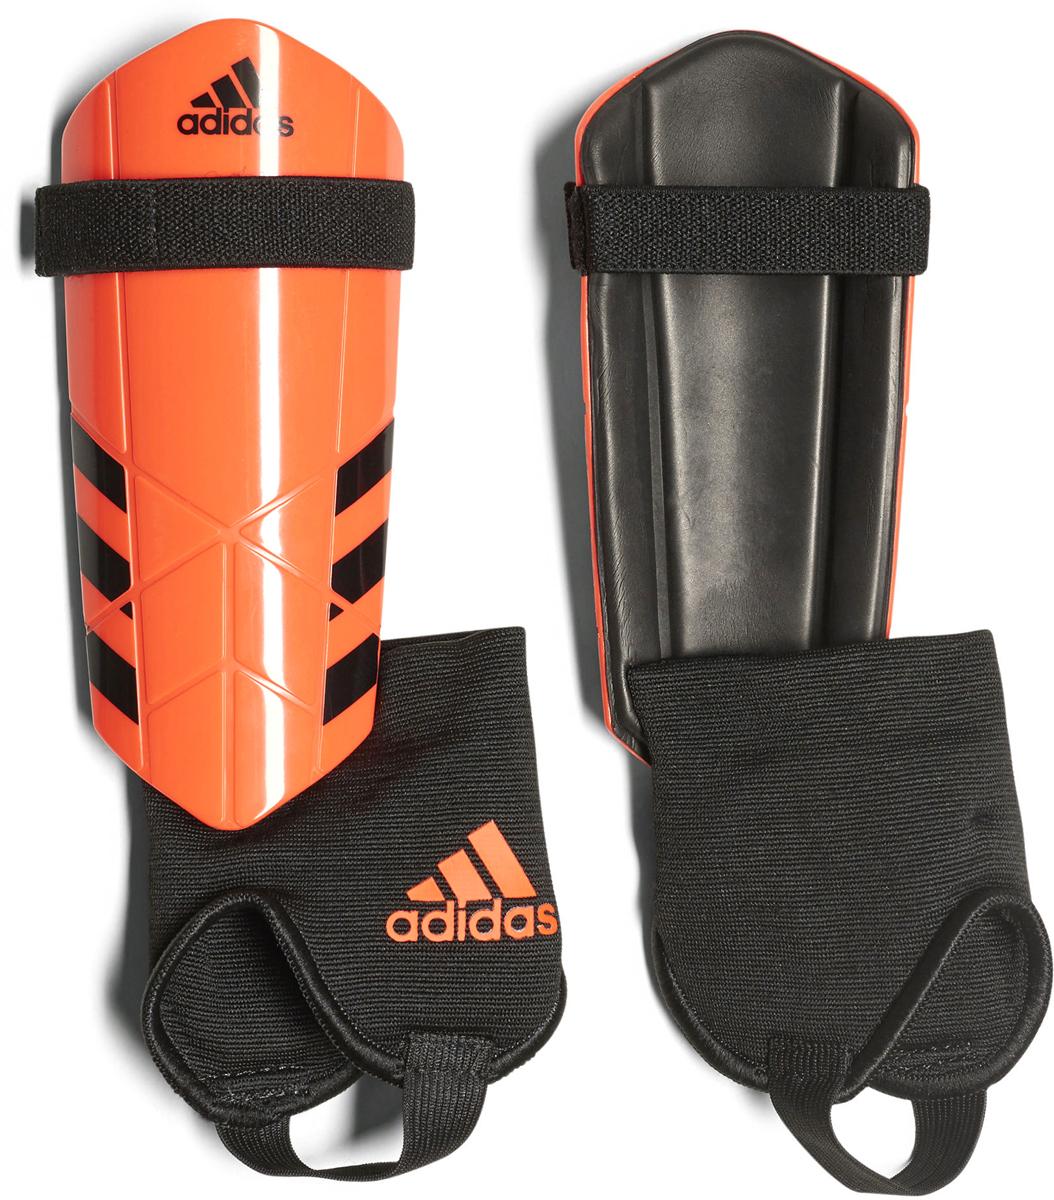 Щитки футбольные Adidas  Ghost Youth , цвет: оранжевый. Размер L - Командные виды спорта